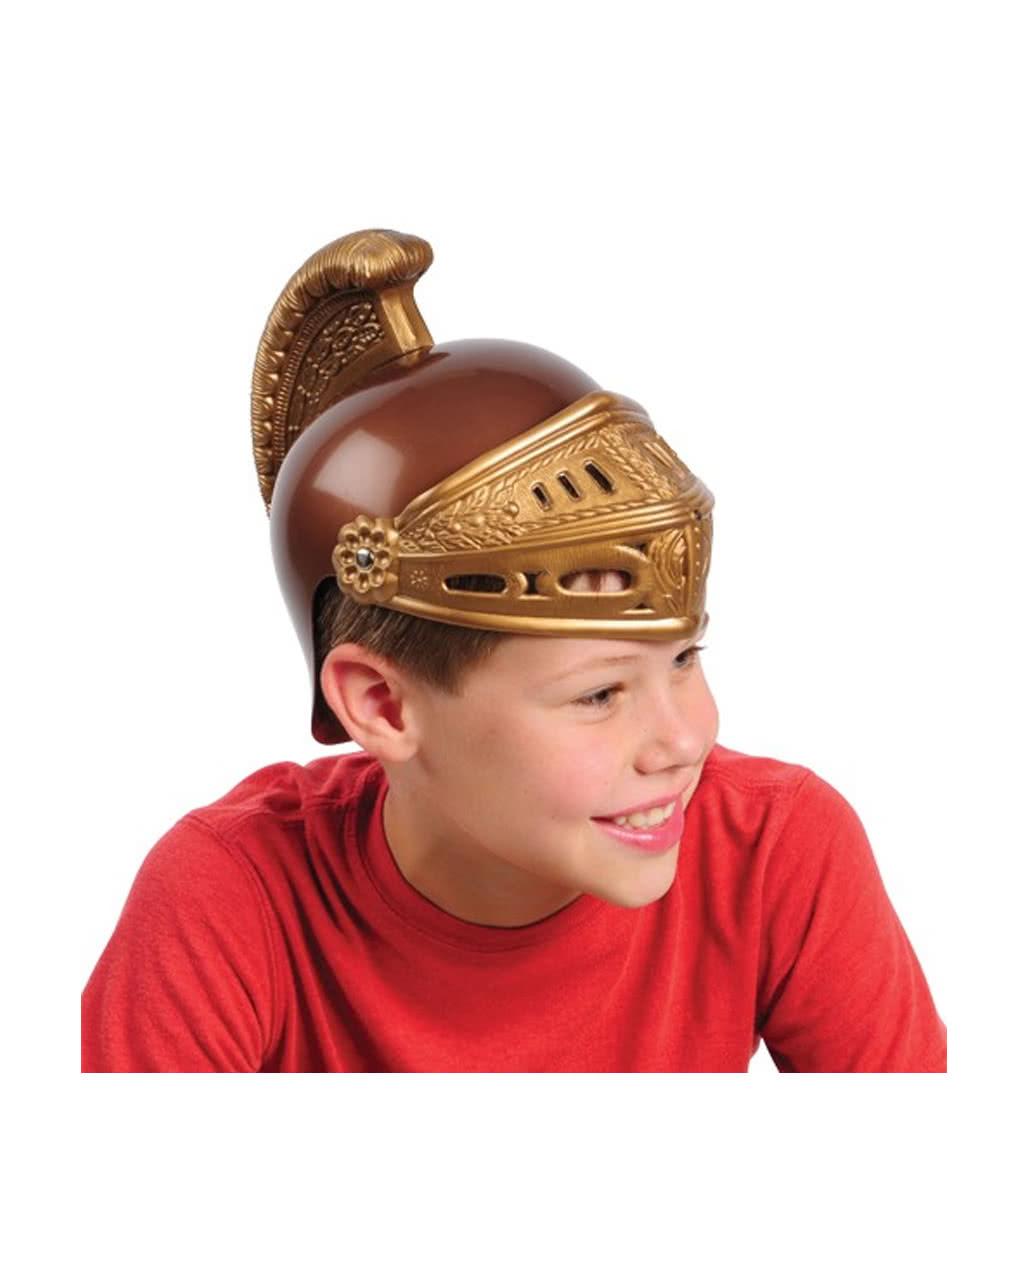 r merhelm f r kinder gladiator helm f r kinder spartakus. Black Bedroom Furniture Sets. Home Design Ideas